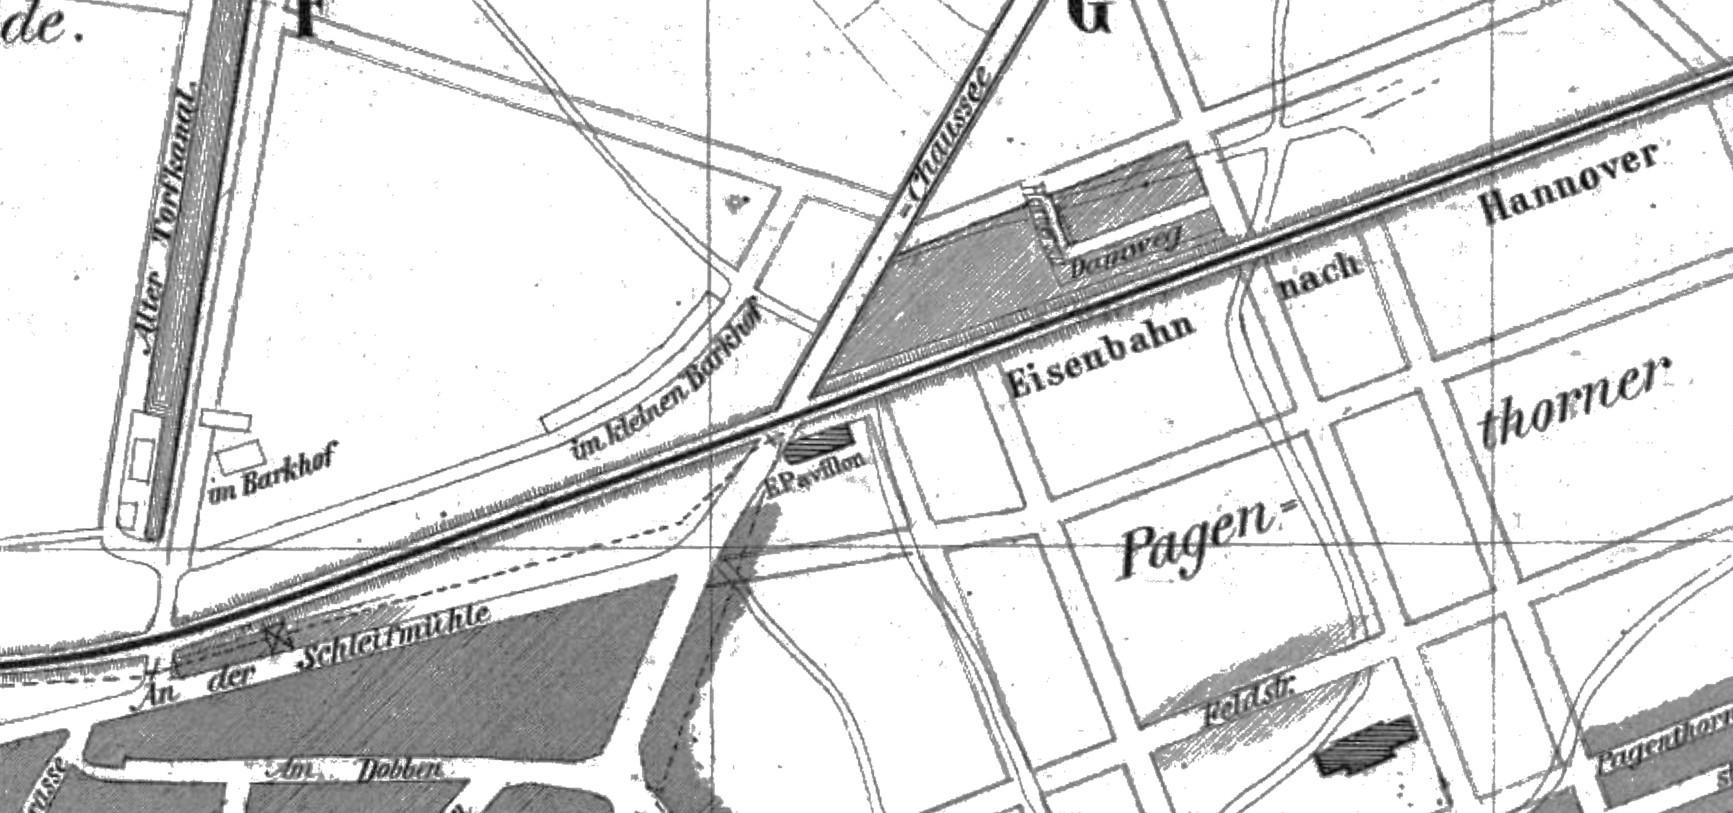 Abgeschiedene Lage: das Eisenbahn-Pavillon auf einem Stadtplan von 1865. Quelle: Wikicommons